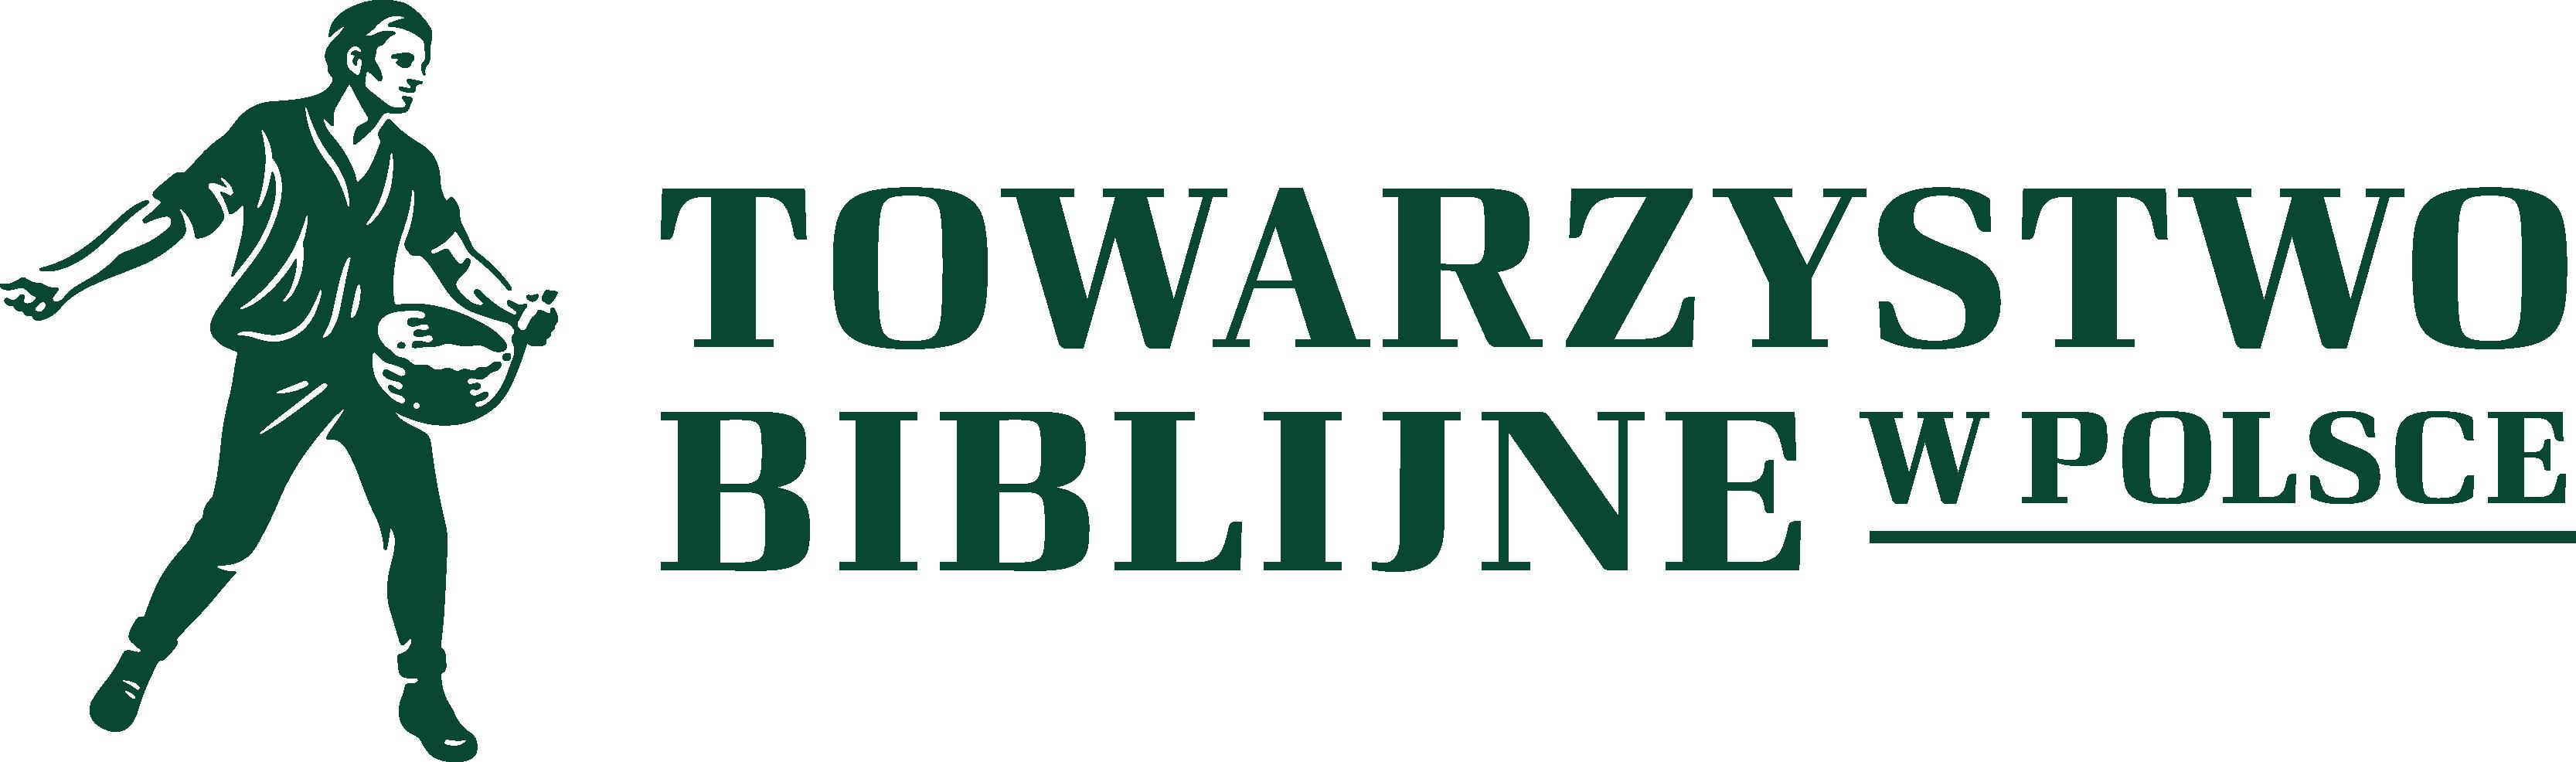 Księgarnia Towarzystwa Biblijnego w Polsce